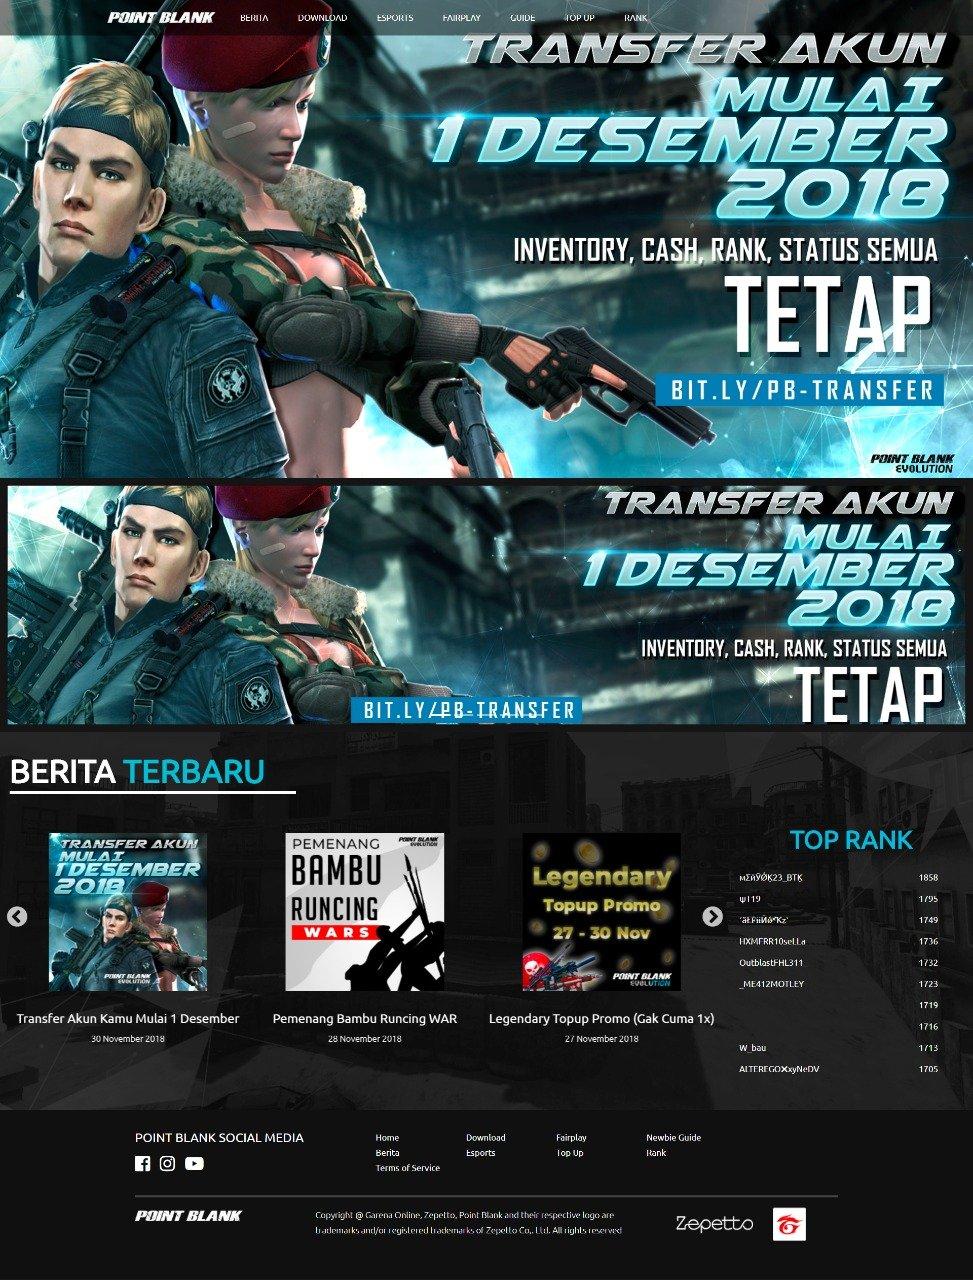 Transfer Pb Garena : transfer, garena, Garena, Melepas, Tahun, Berganti, Publisher, Gamebrott.com